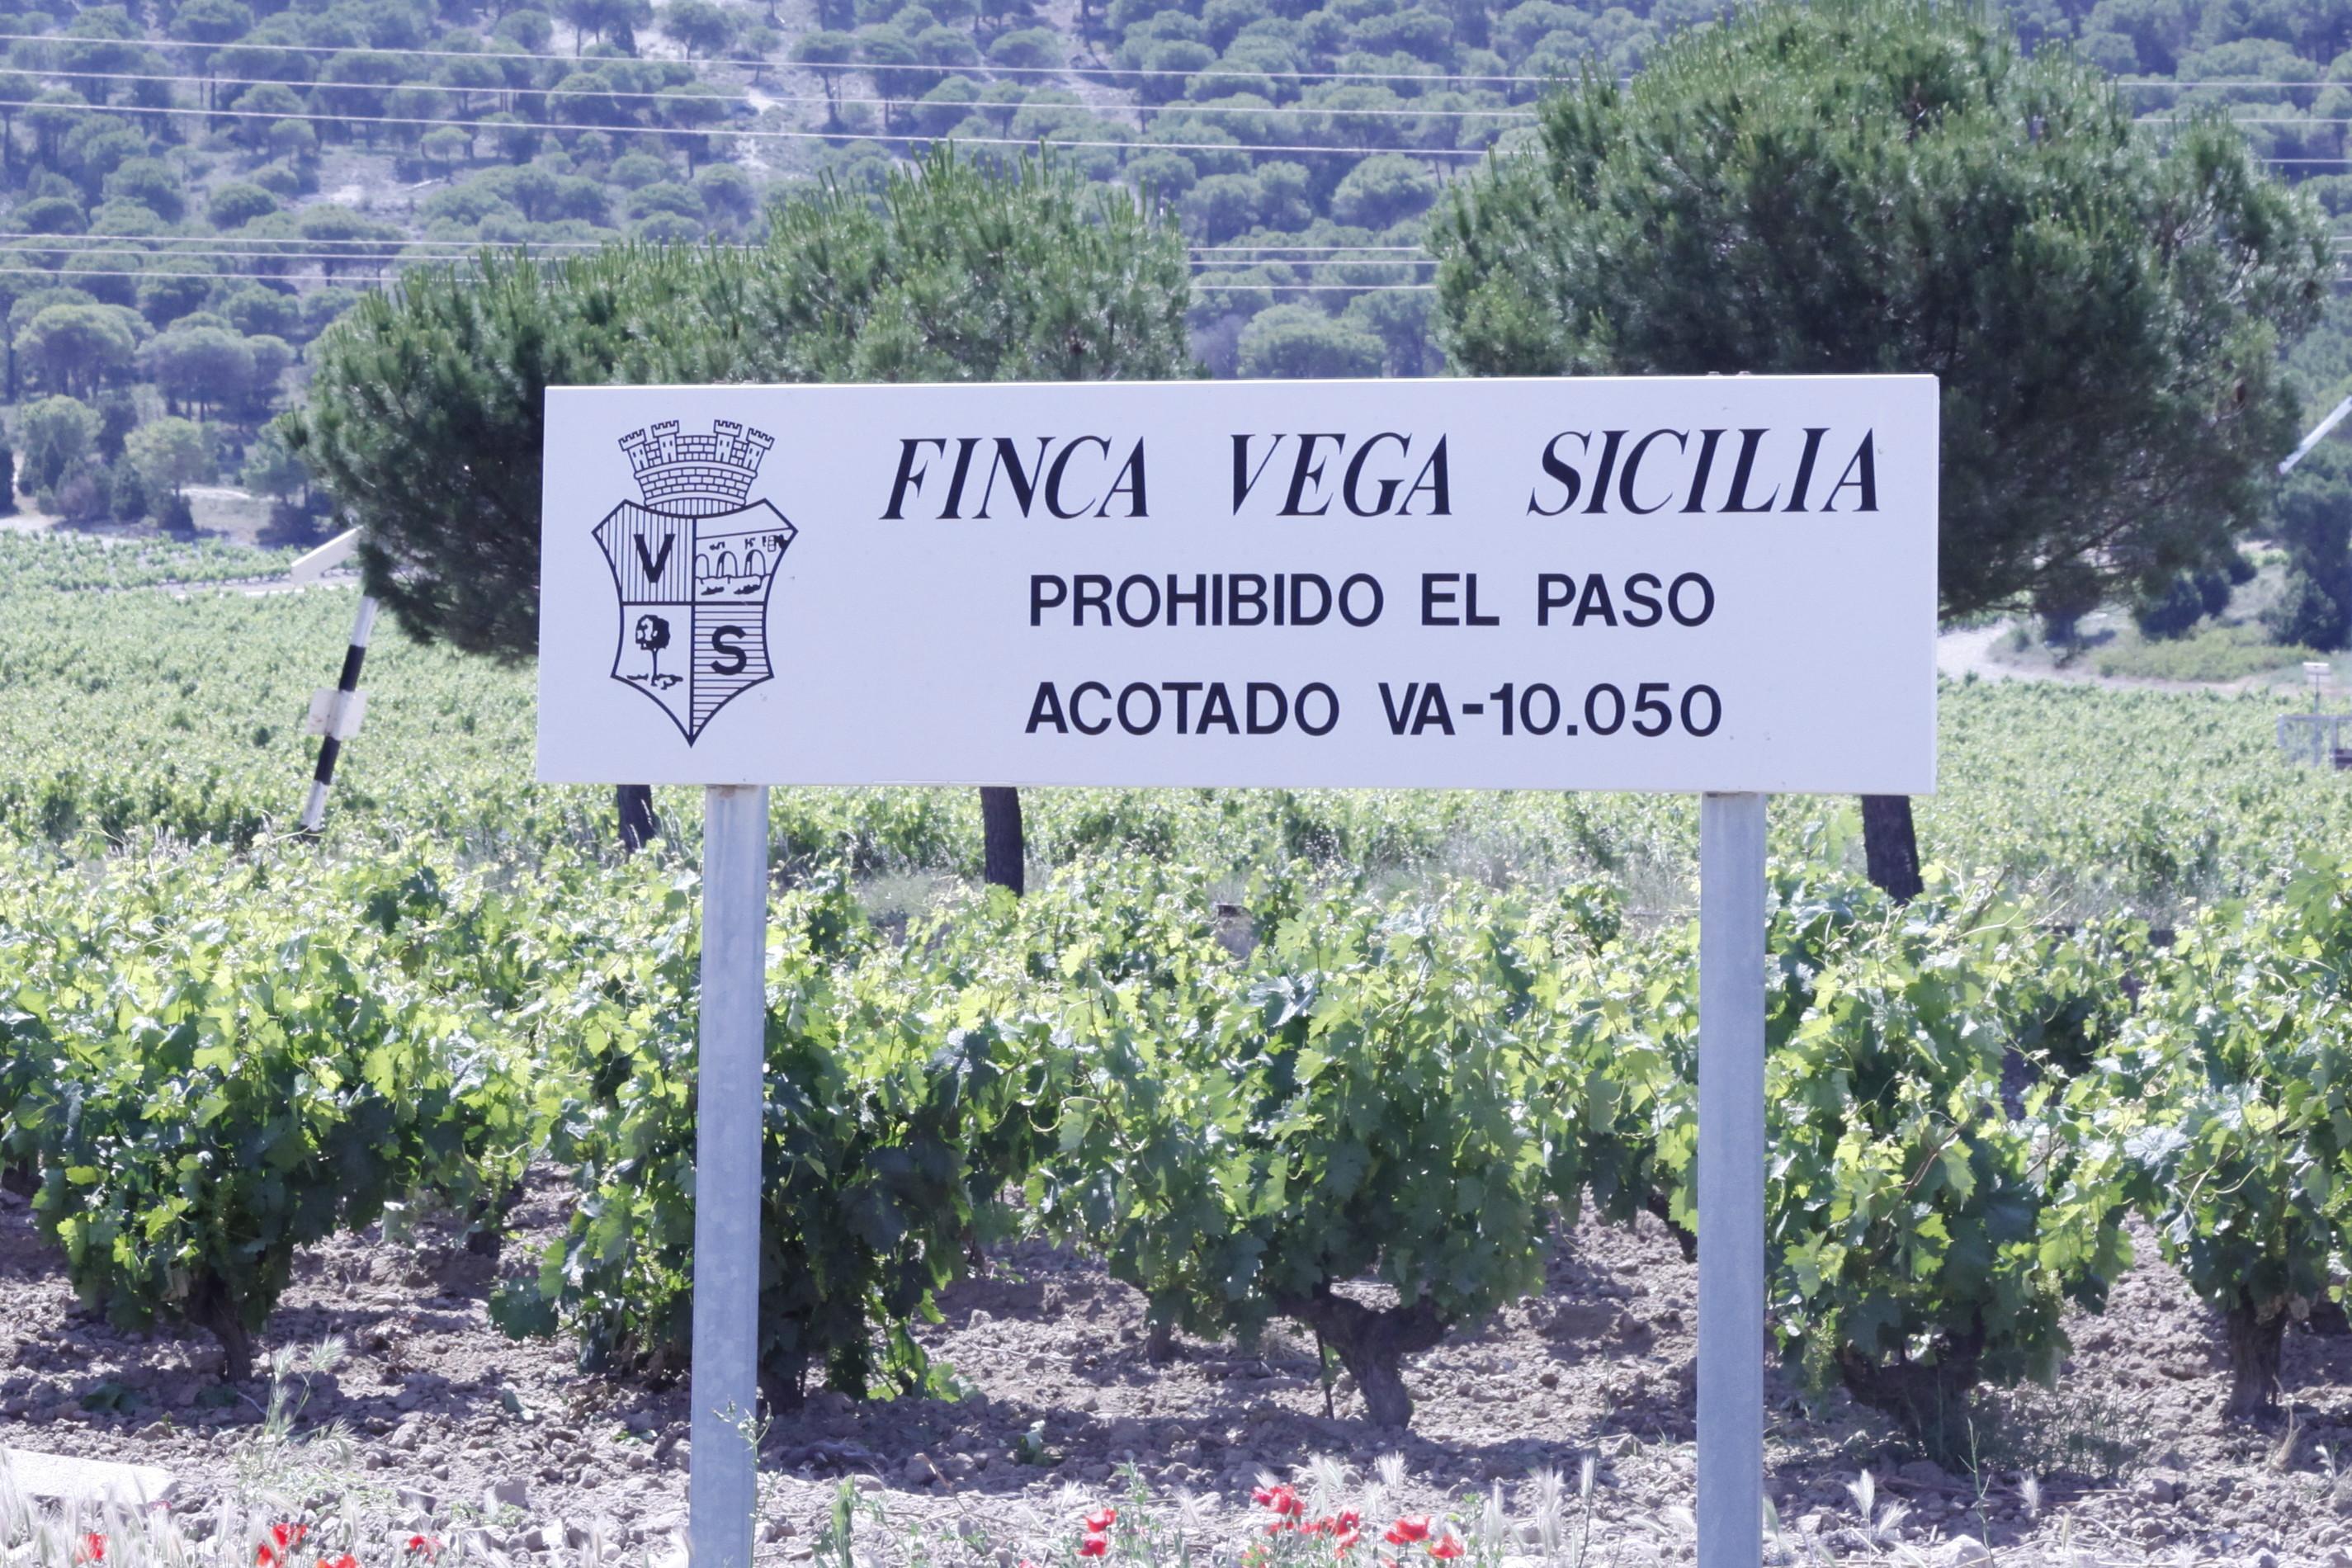 Vega Sicilia: crossing strictly forbidden